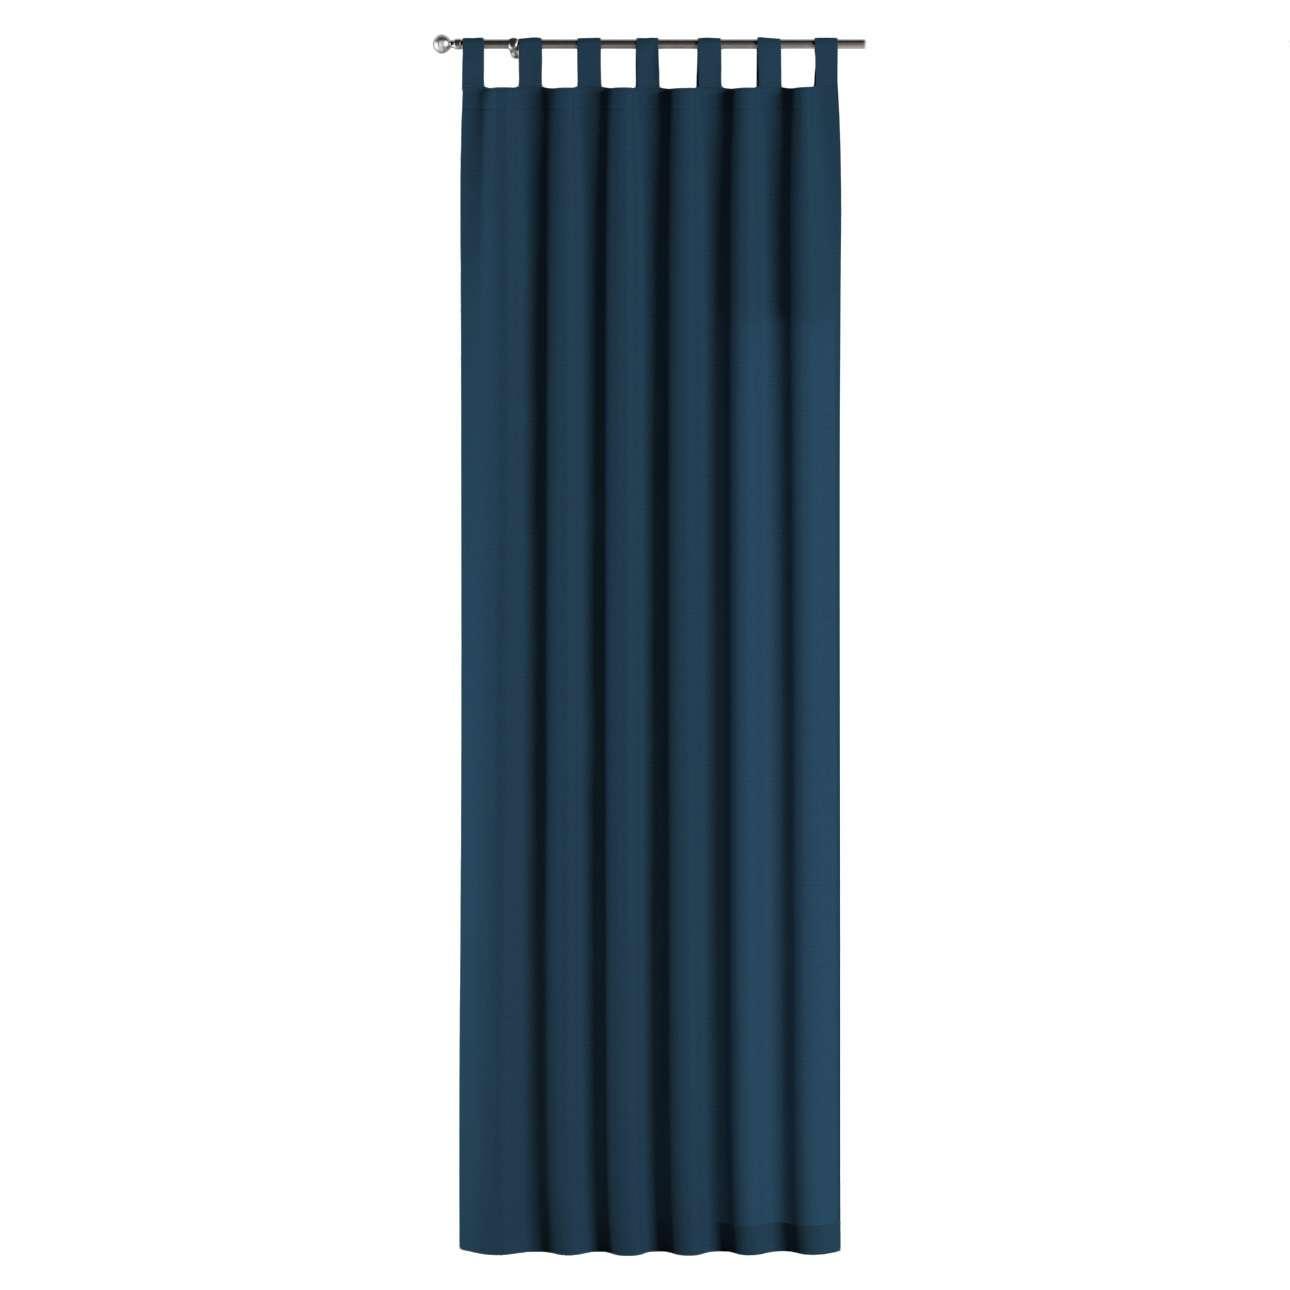 Kilpinio klostavimo užuolaidos 130 x 260 cm (plotis x ilgis) kolekcijoje Cotton Panama, audinys: 702-30